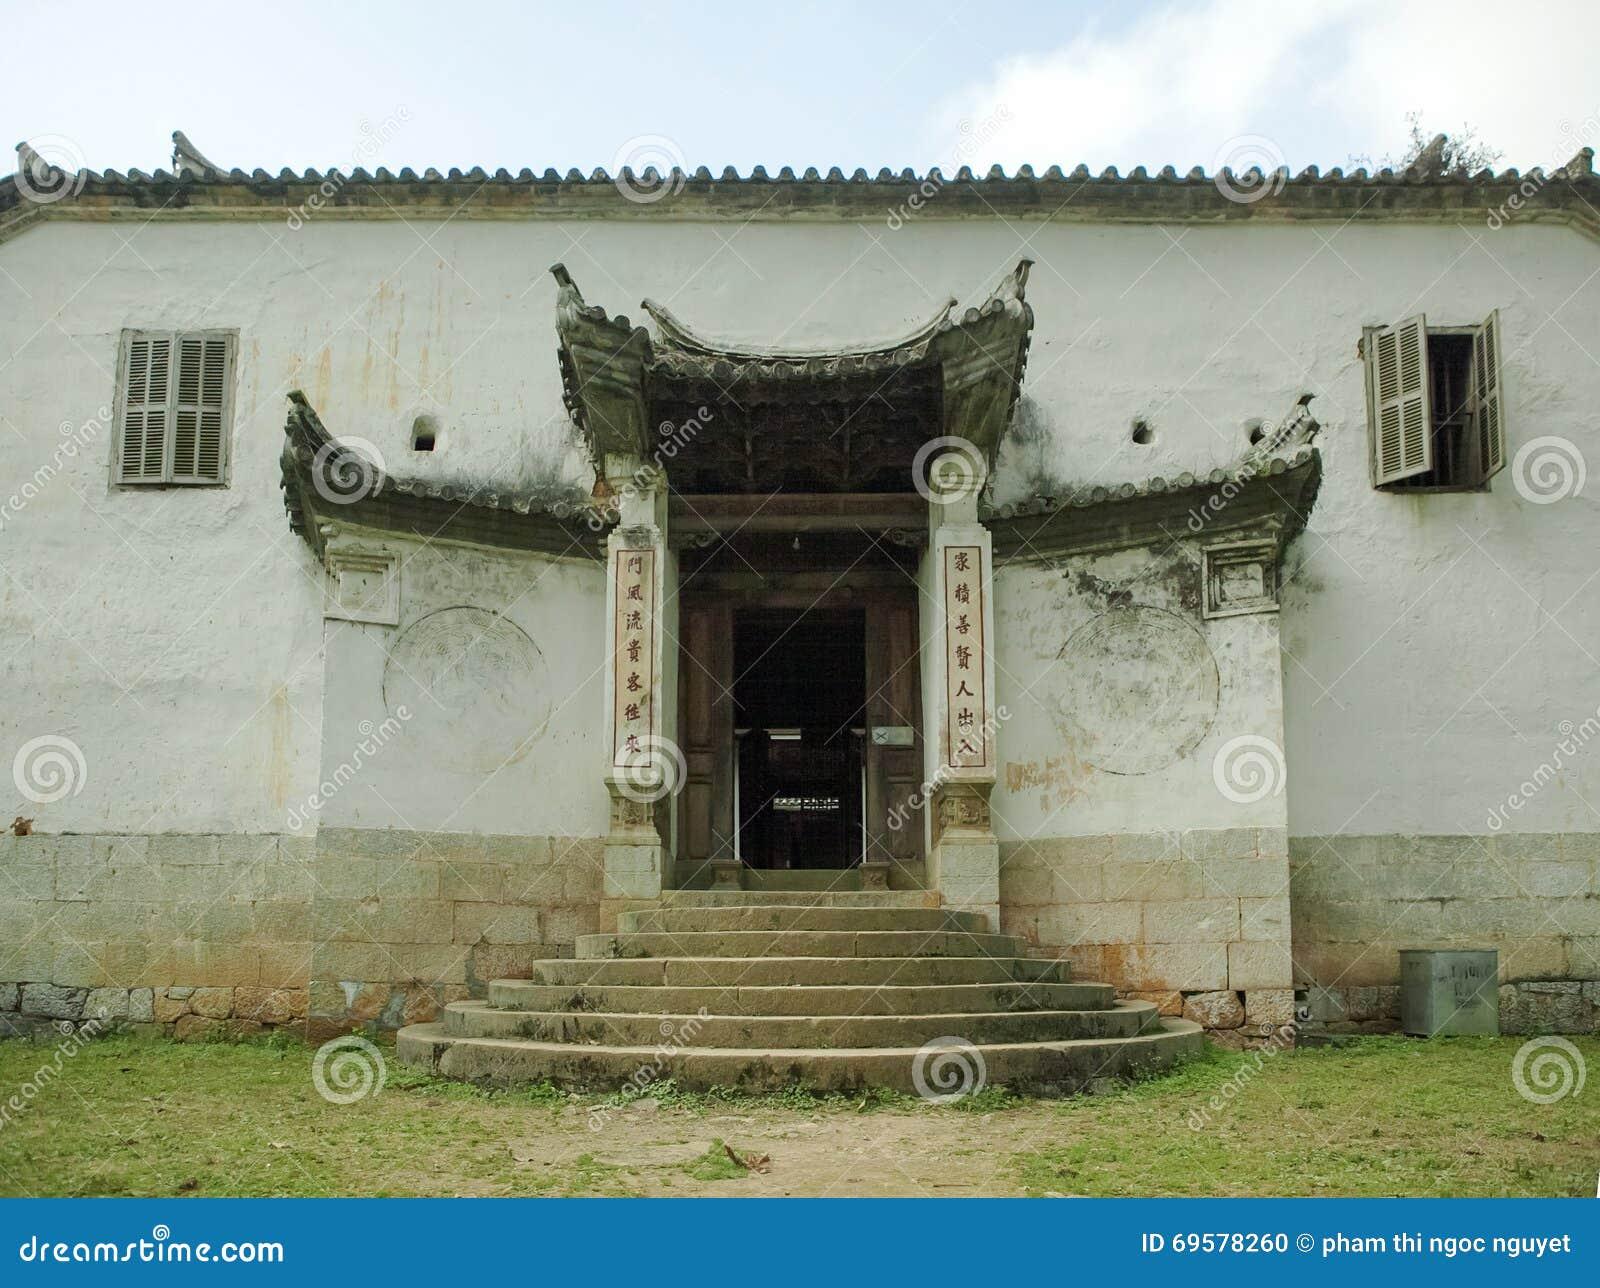 Vuong House palace